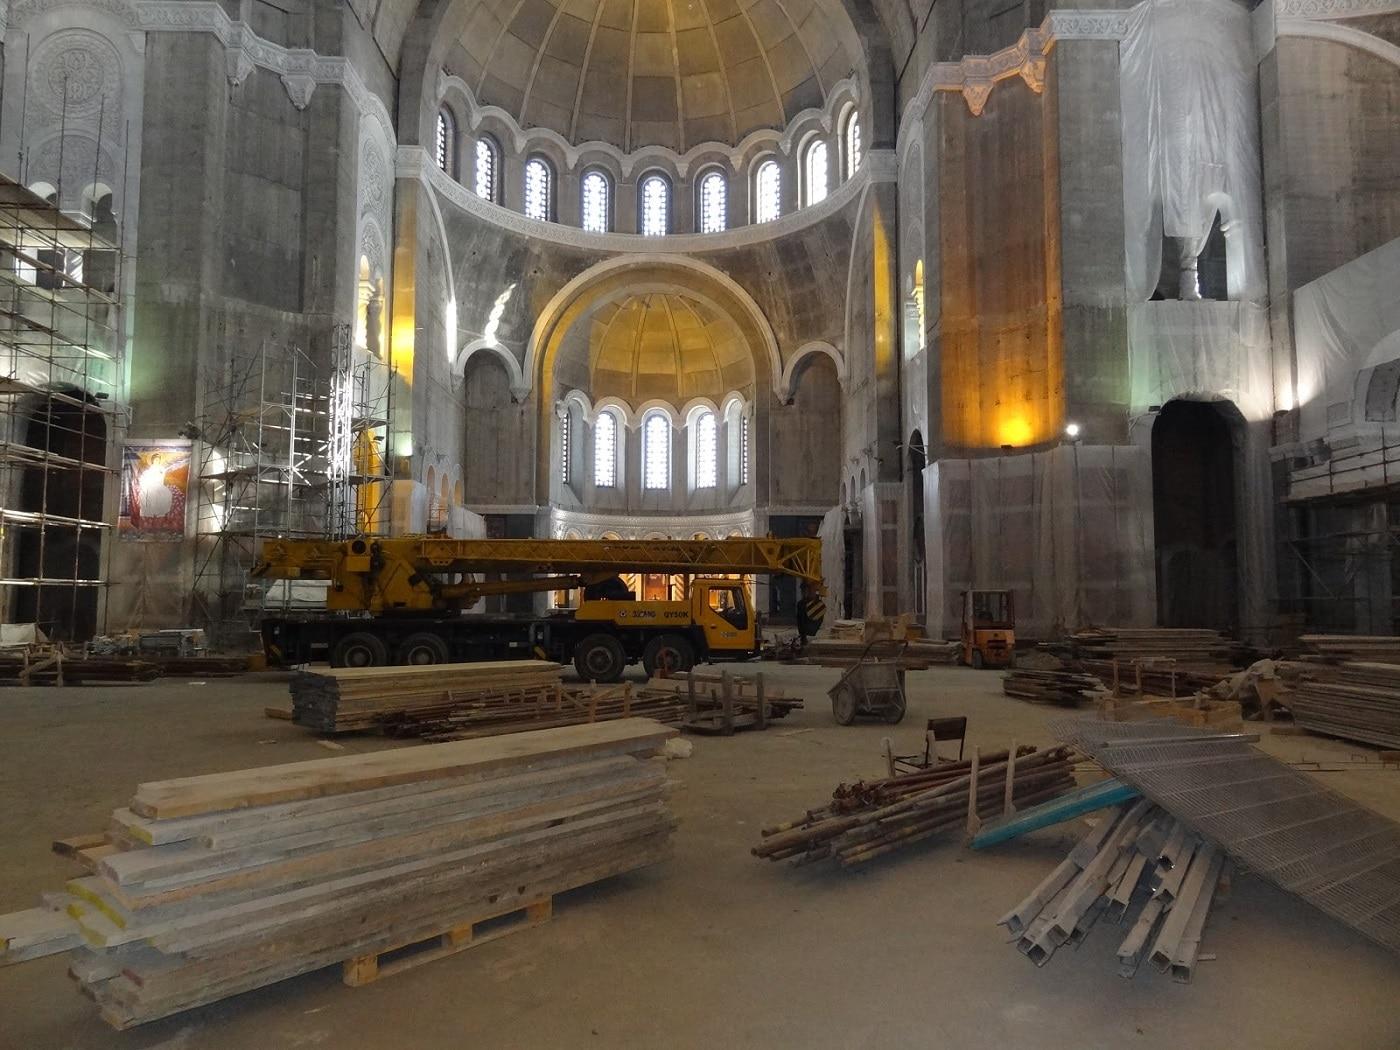 La interiorul Catedralei Sfântul Sava încă se mai lucrează